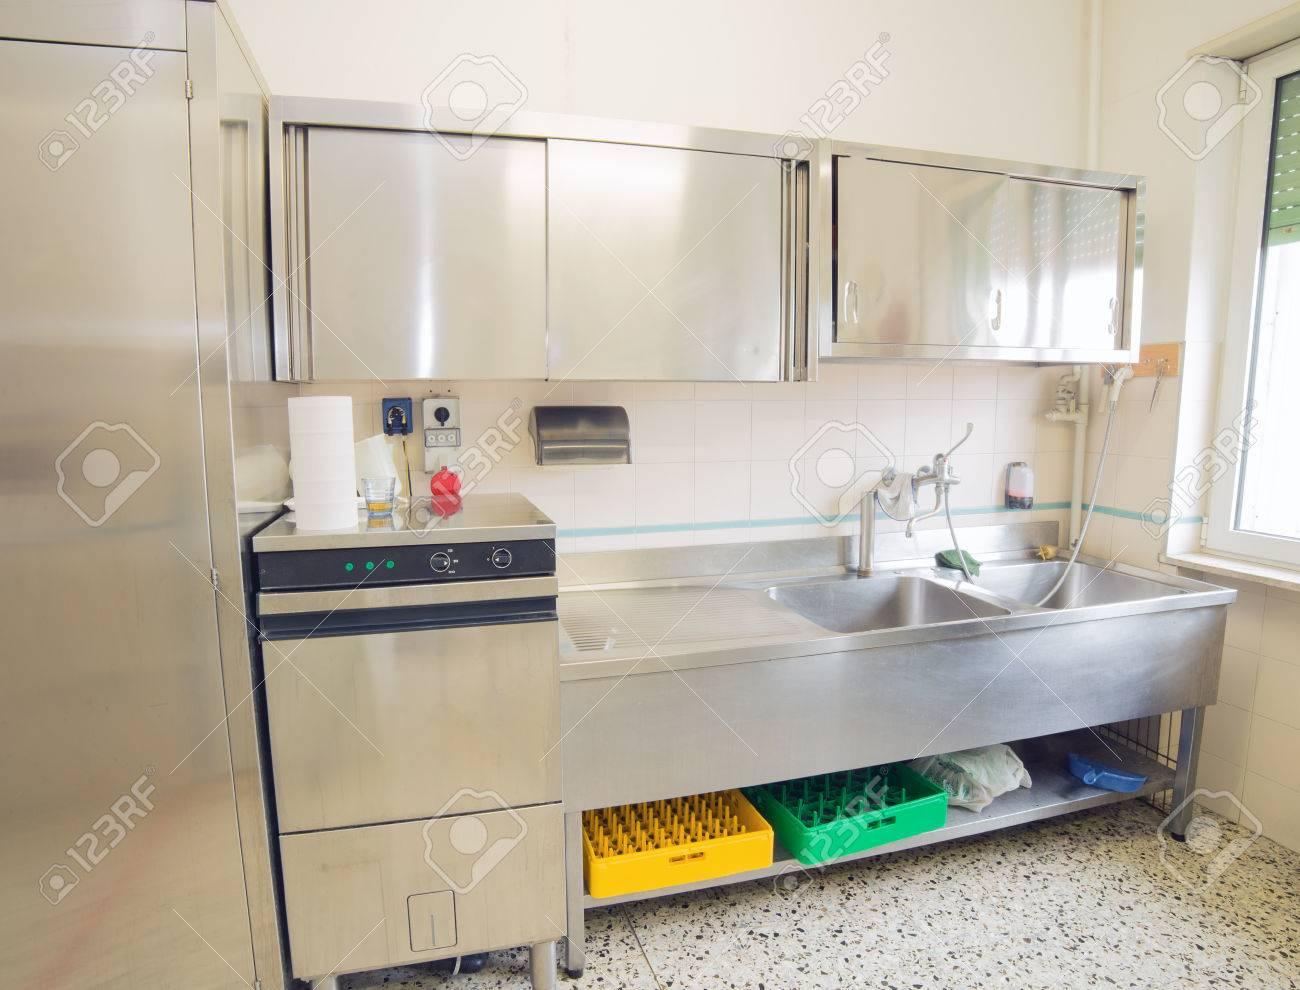 Große Industrielle Küche Mit Kühlschrank, Geschirrspüler Und Spüle ...